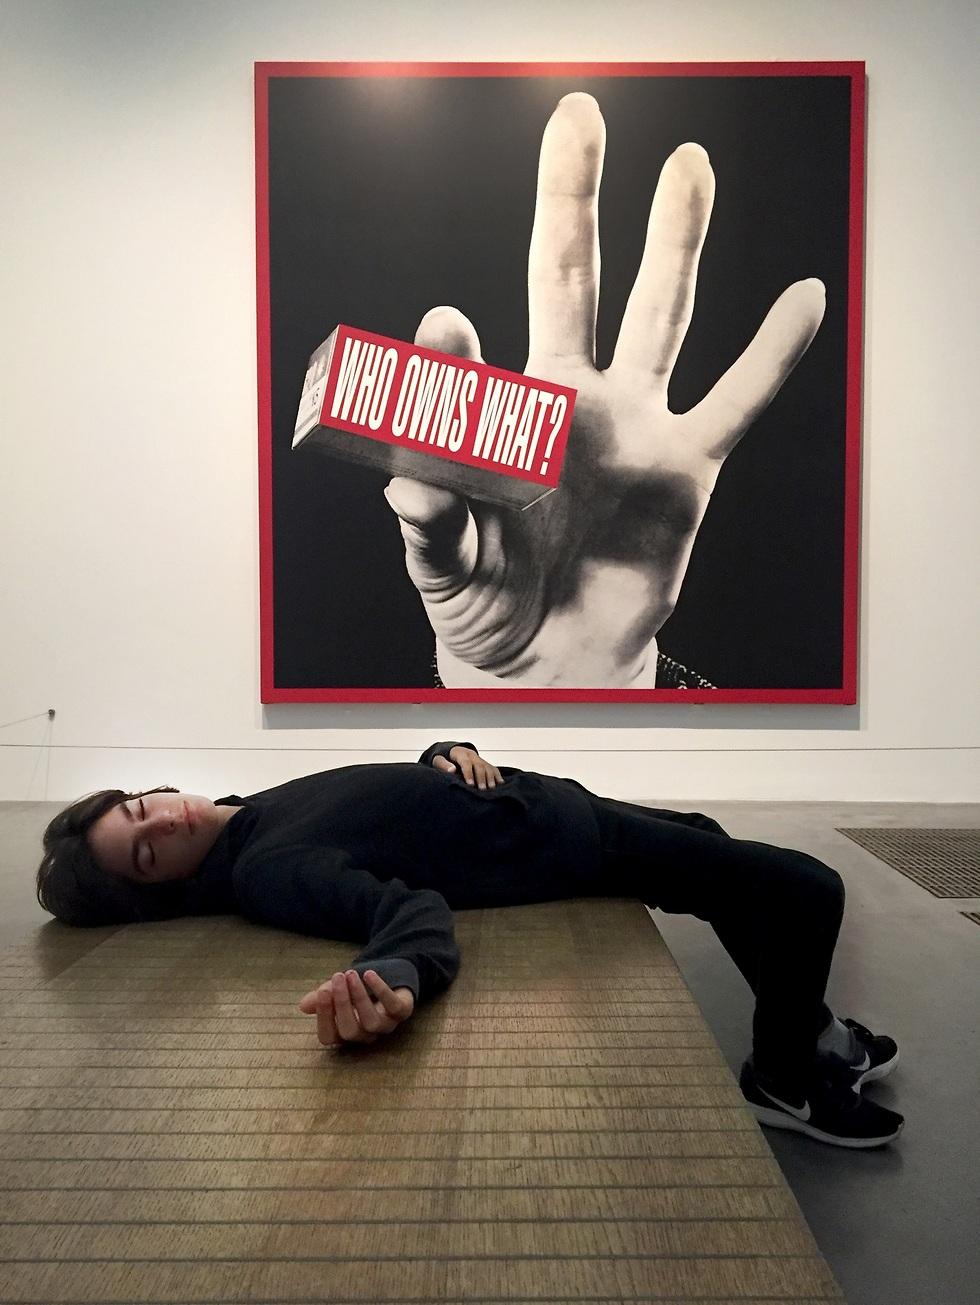 איריס נשר, ארי במוזיאון טייט מודרן לונדון מול עבודה של ברברה קרוגר, 2016 ()